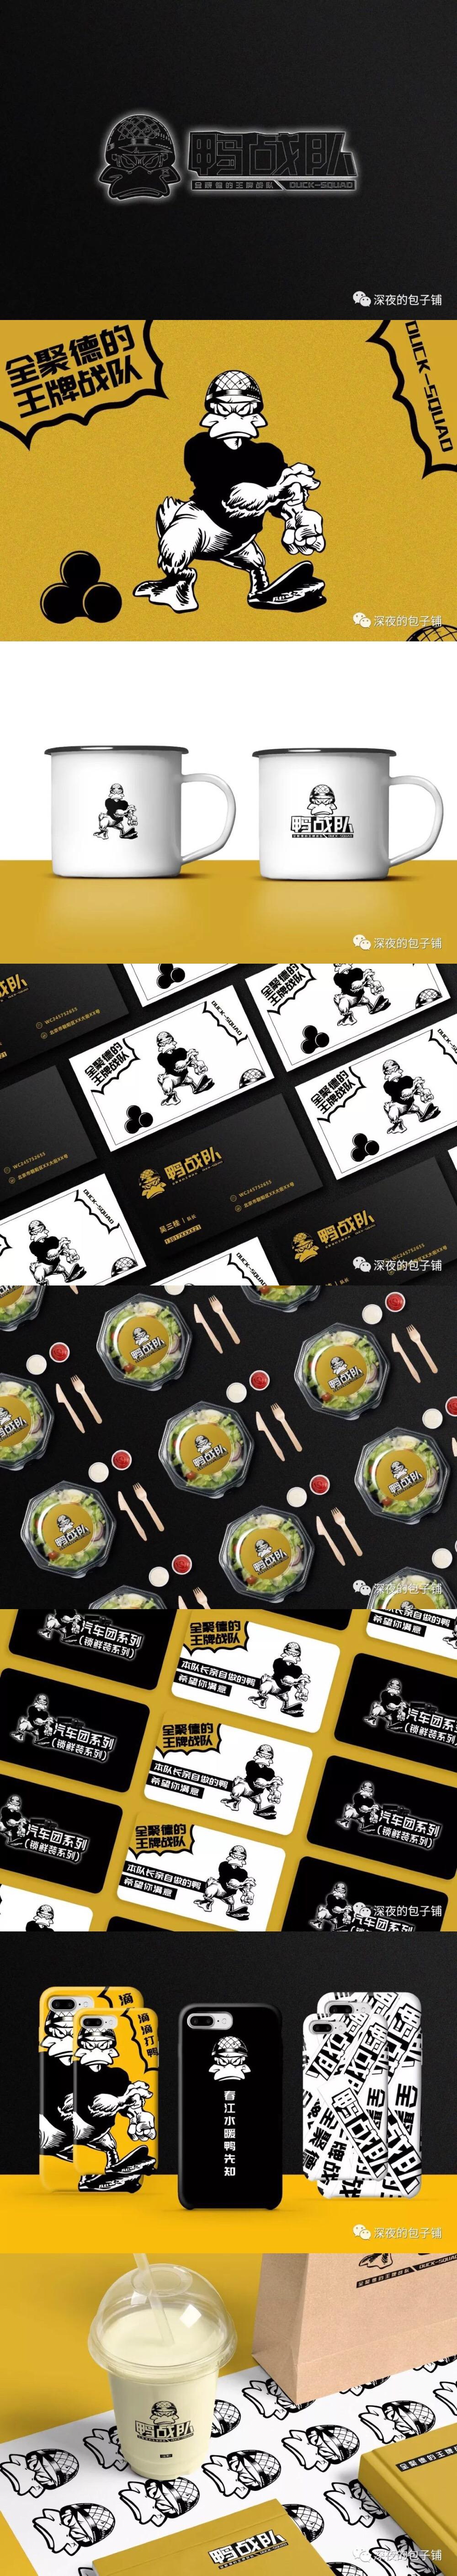 design by Wu  & Liu